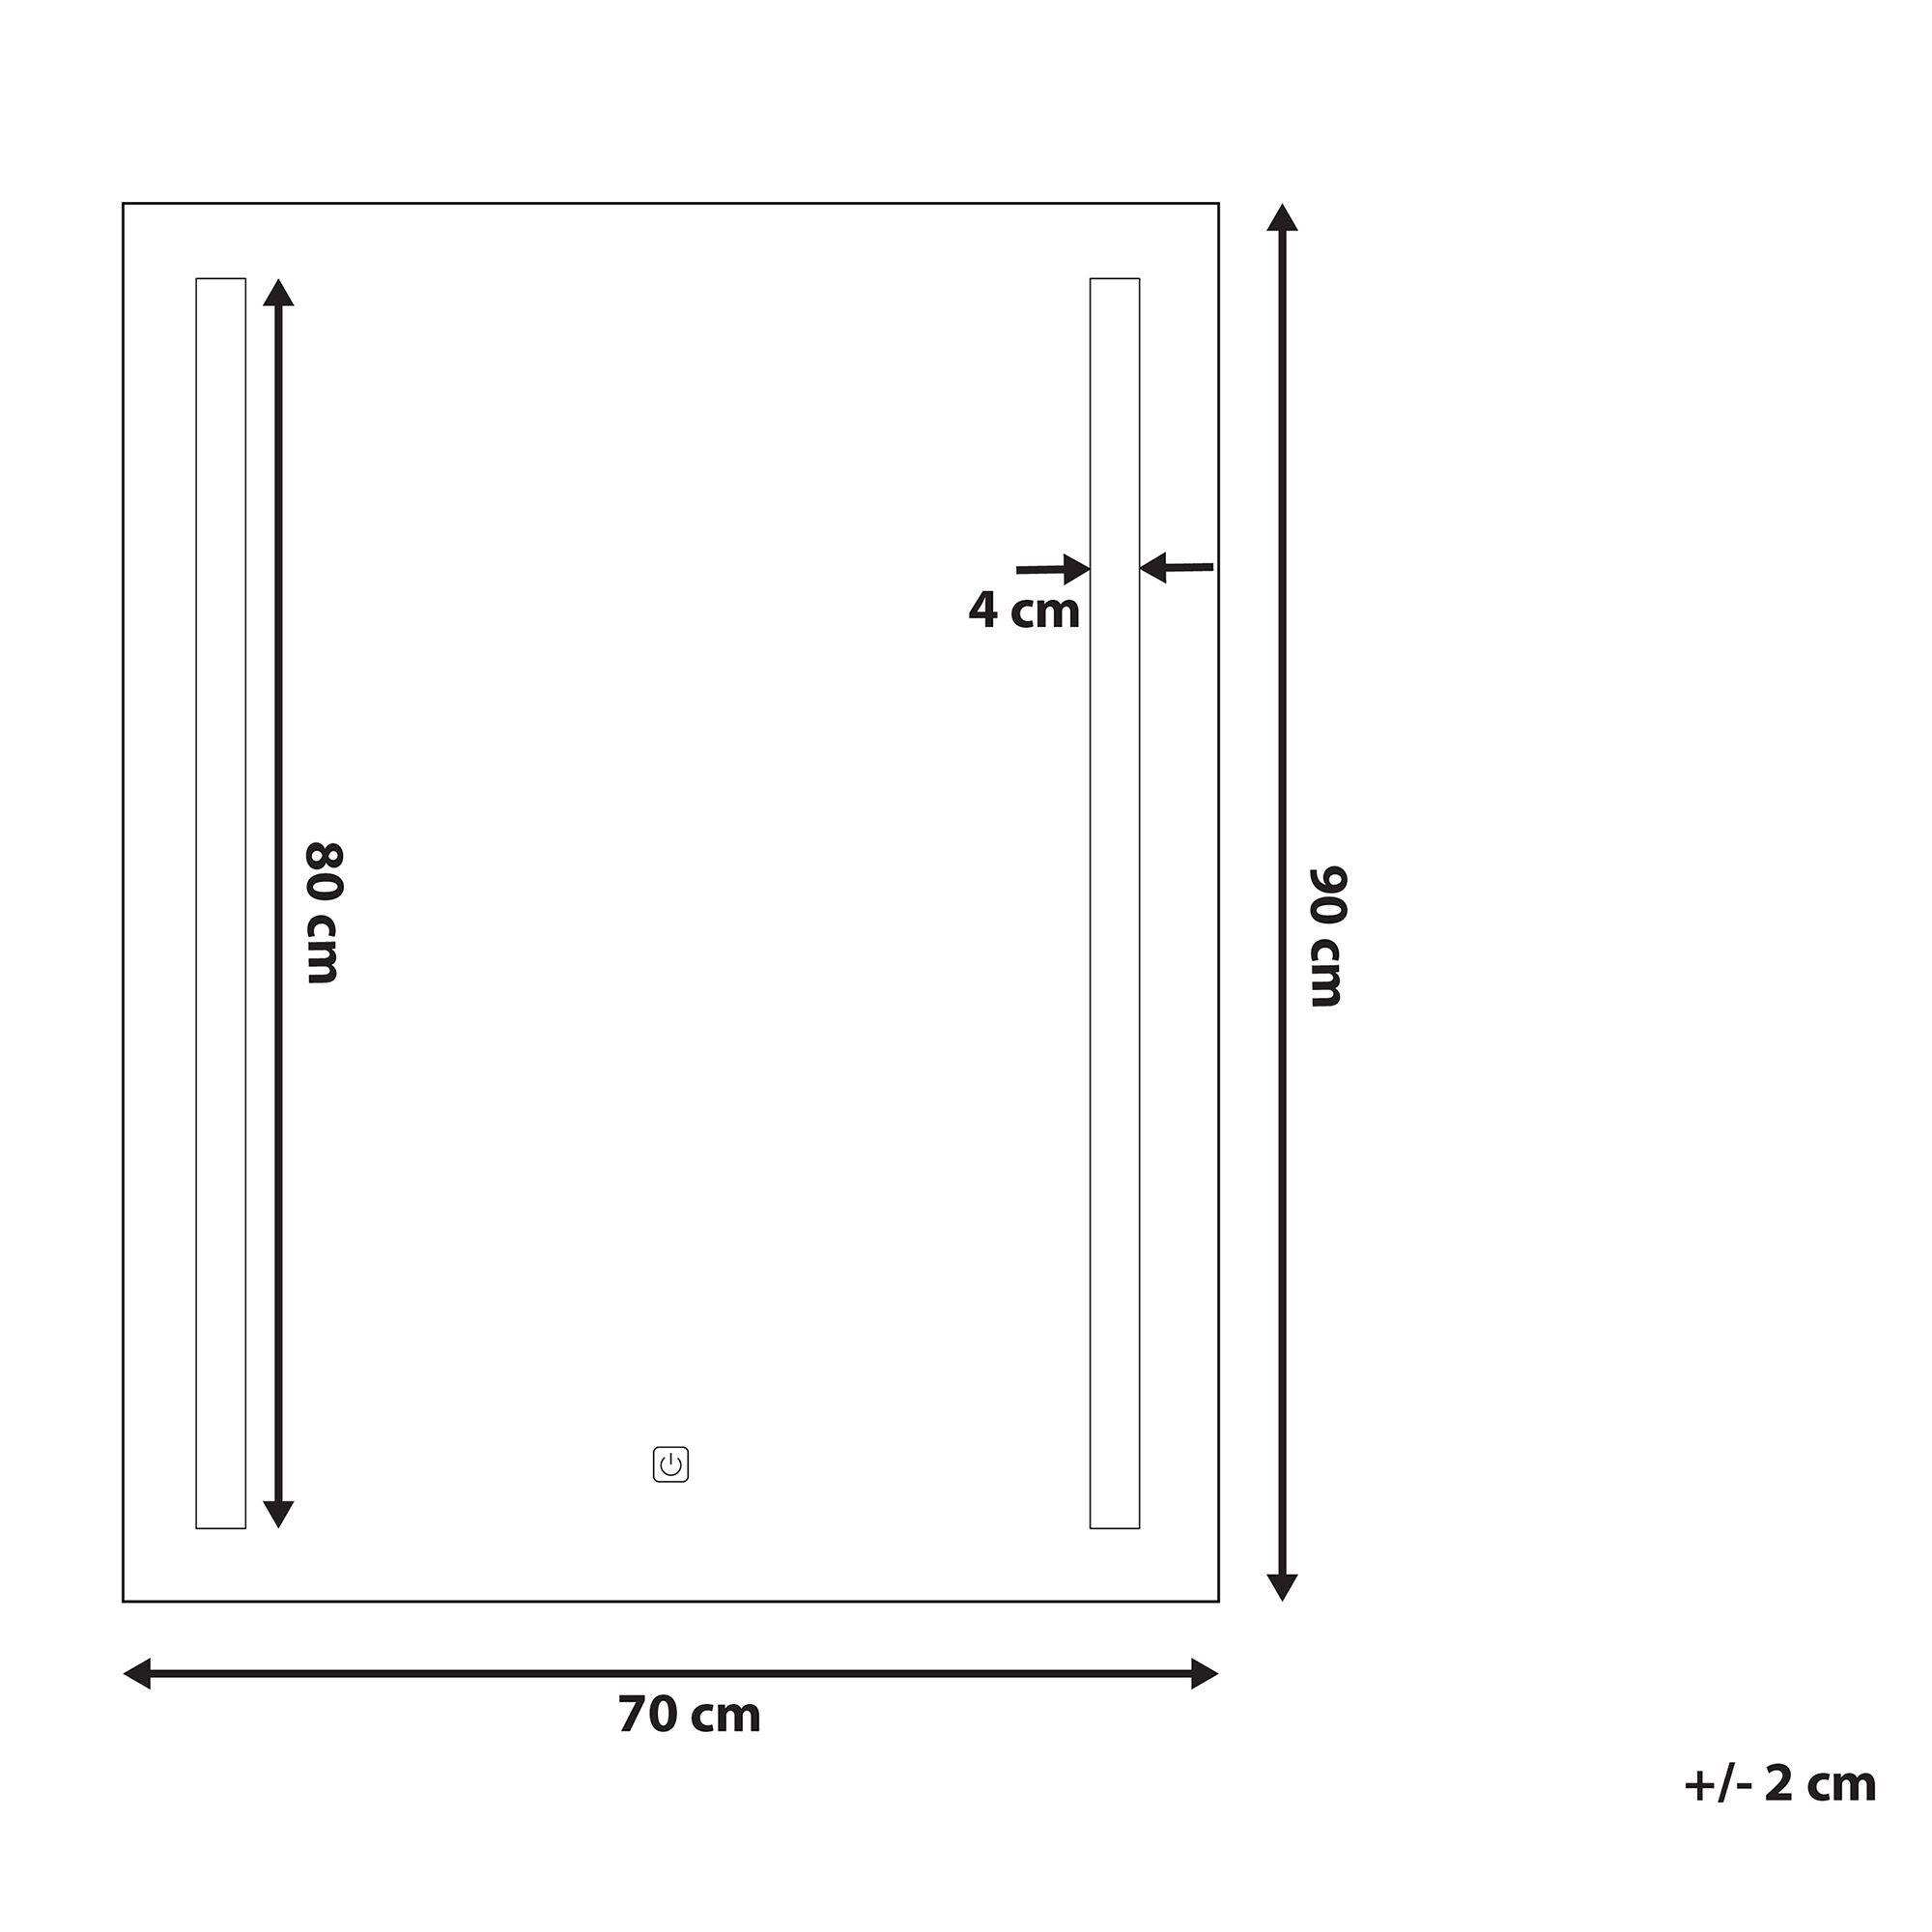 Badspiegel Mit Led Beleuchtung Rechteckig 70 X 90 Cm Martinet In 2020 Locker Storage Storage Floor Plans